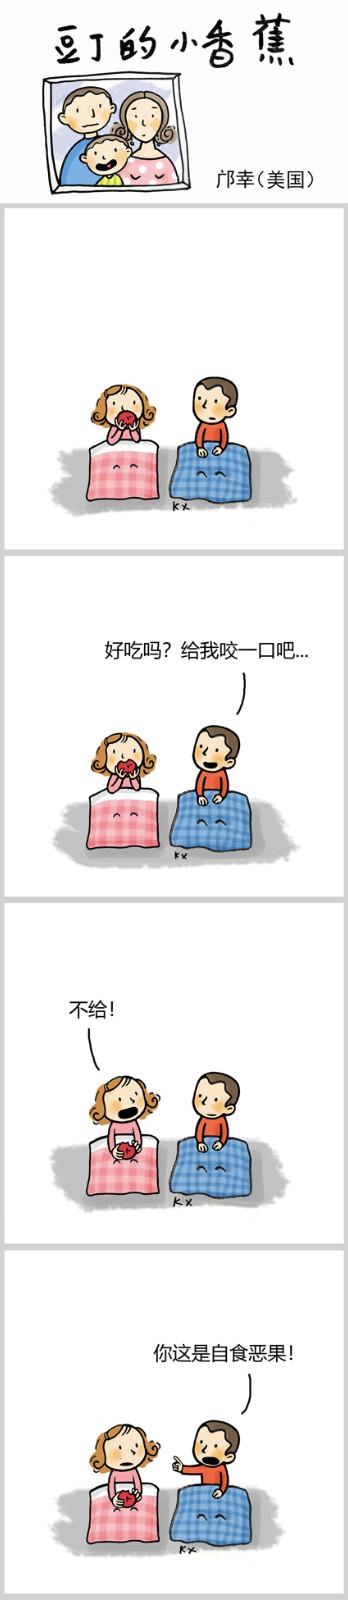 【邝幸漫畫】《小香蕉》276 自食恶果_图1-1